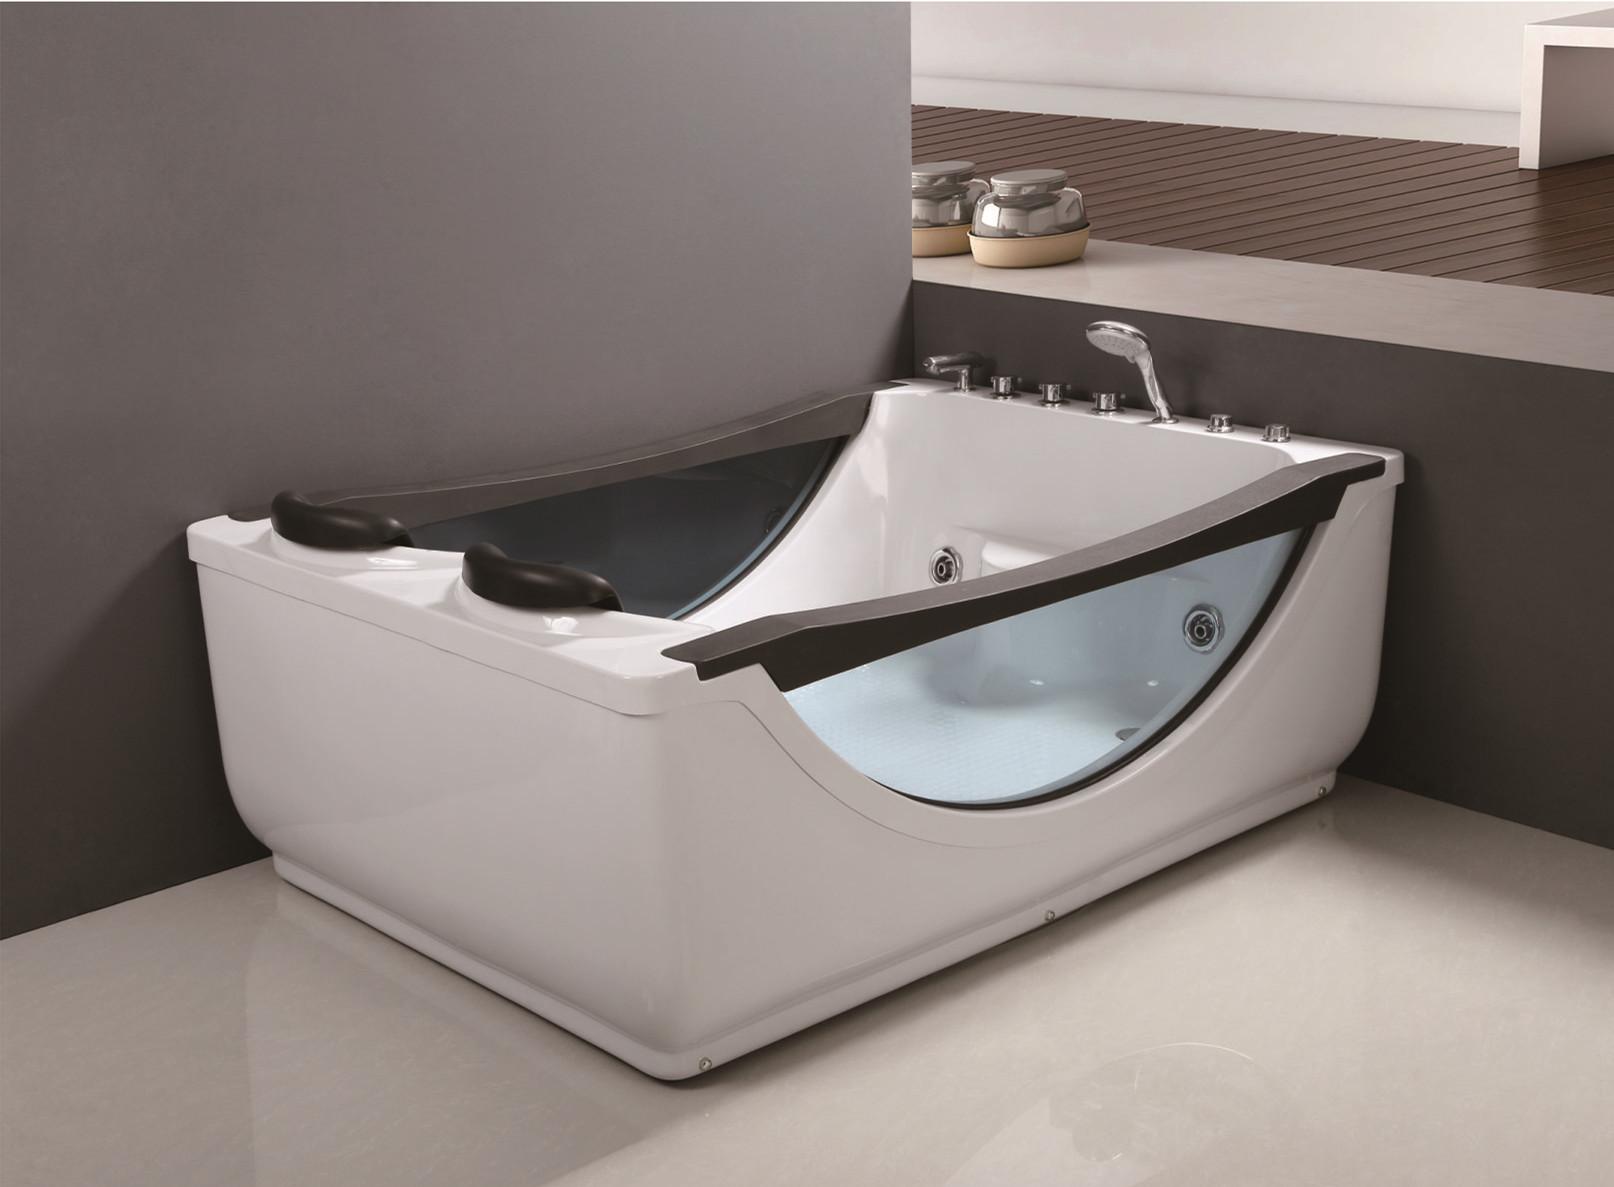 C-040 C-046 Роскошный белый черный АБС-стекло Горячая ванна Whirlpool Massage Jetted Bathroom Ванна с дешевой ценой для Sale.jpg